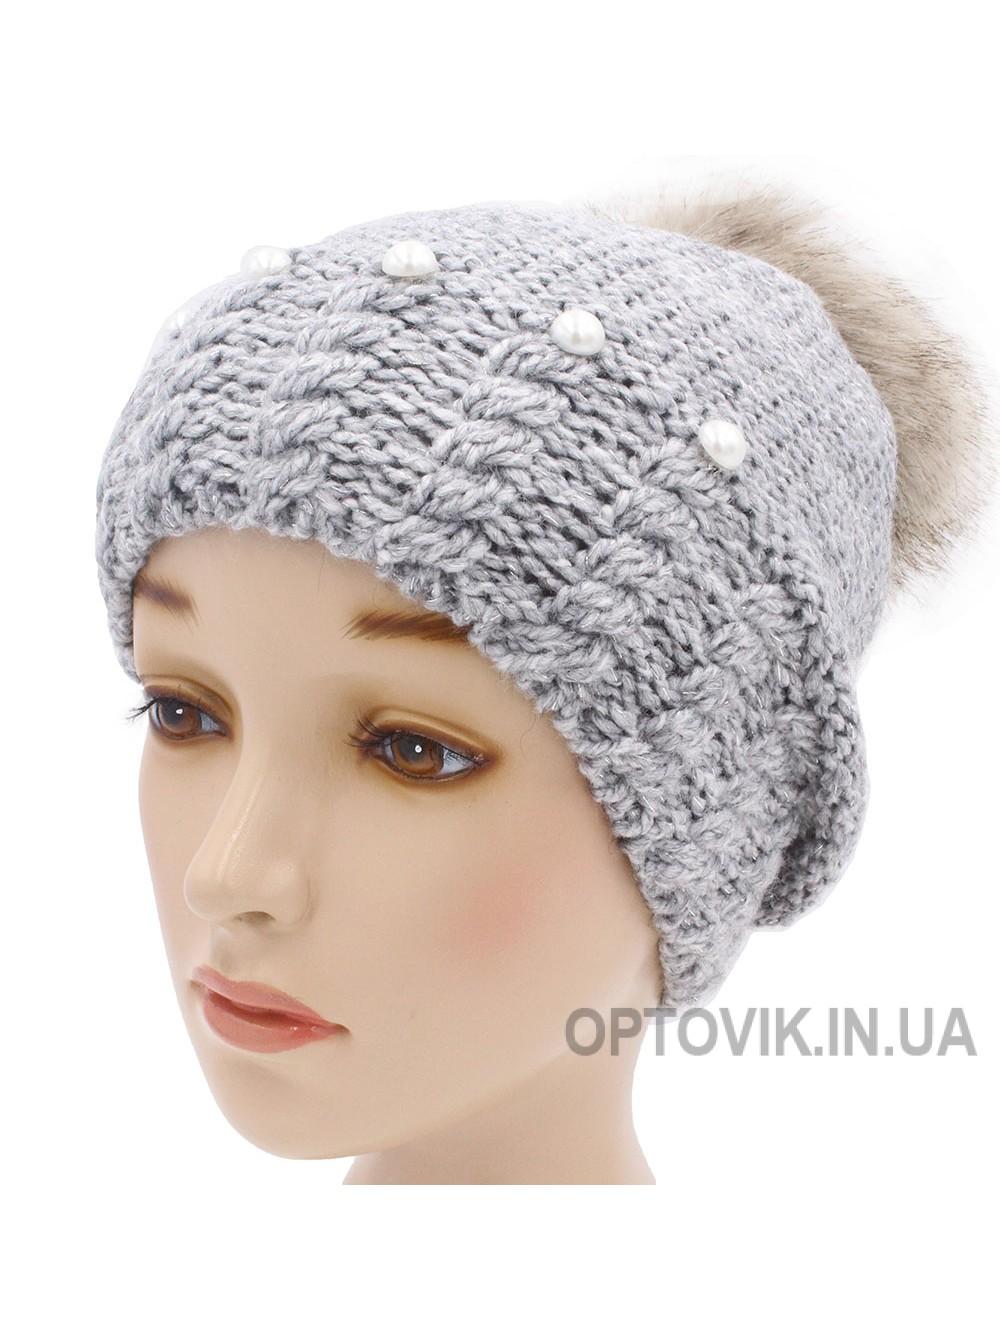 Детская вязаная шапка Николетта W23630-52-56